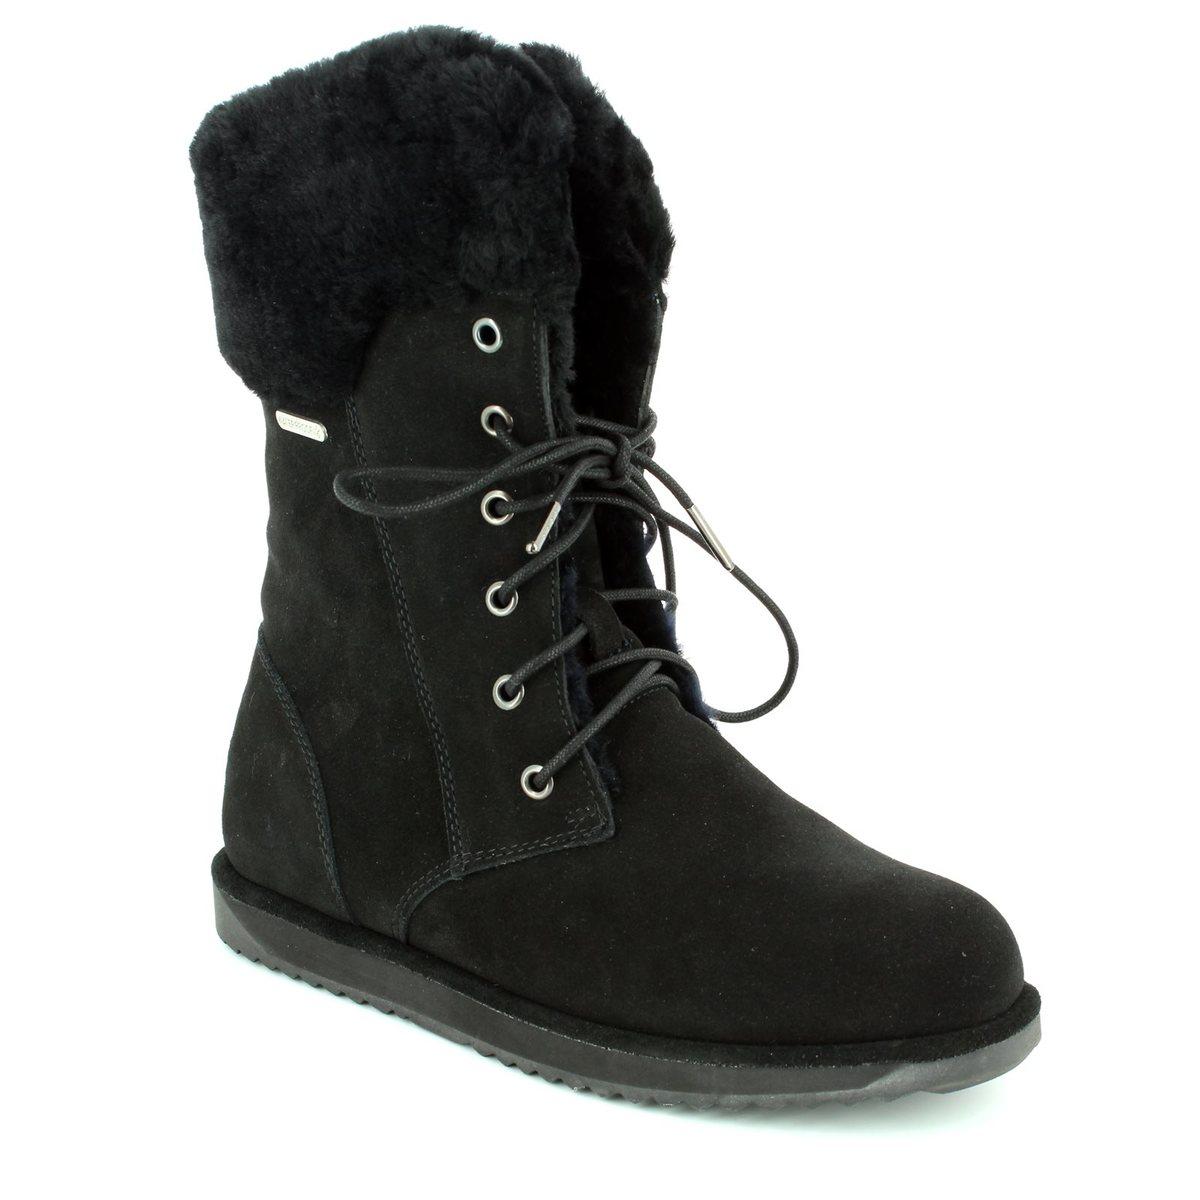 23b0115b61d EMU Australia Ankle Boots - Black suede - W11249 30 SHORELINE